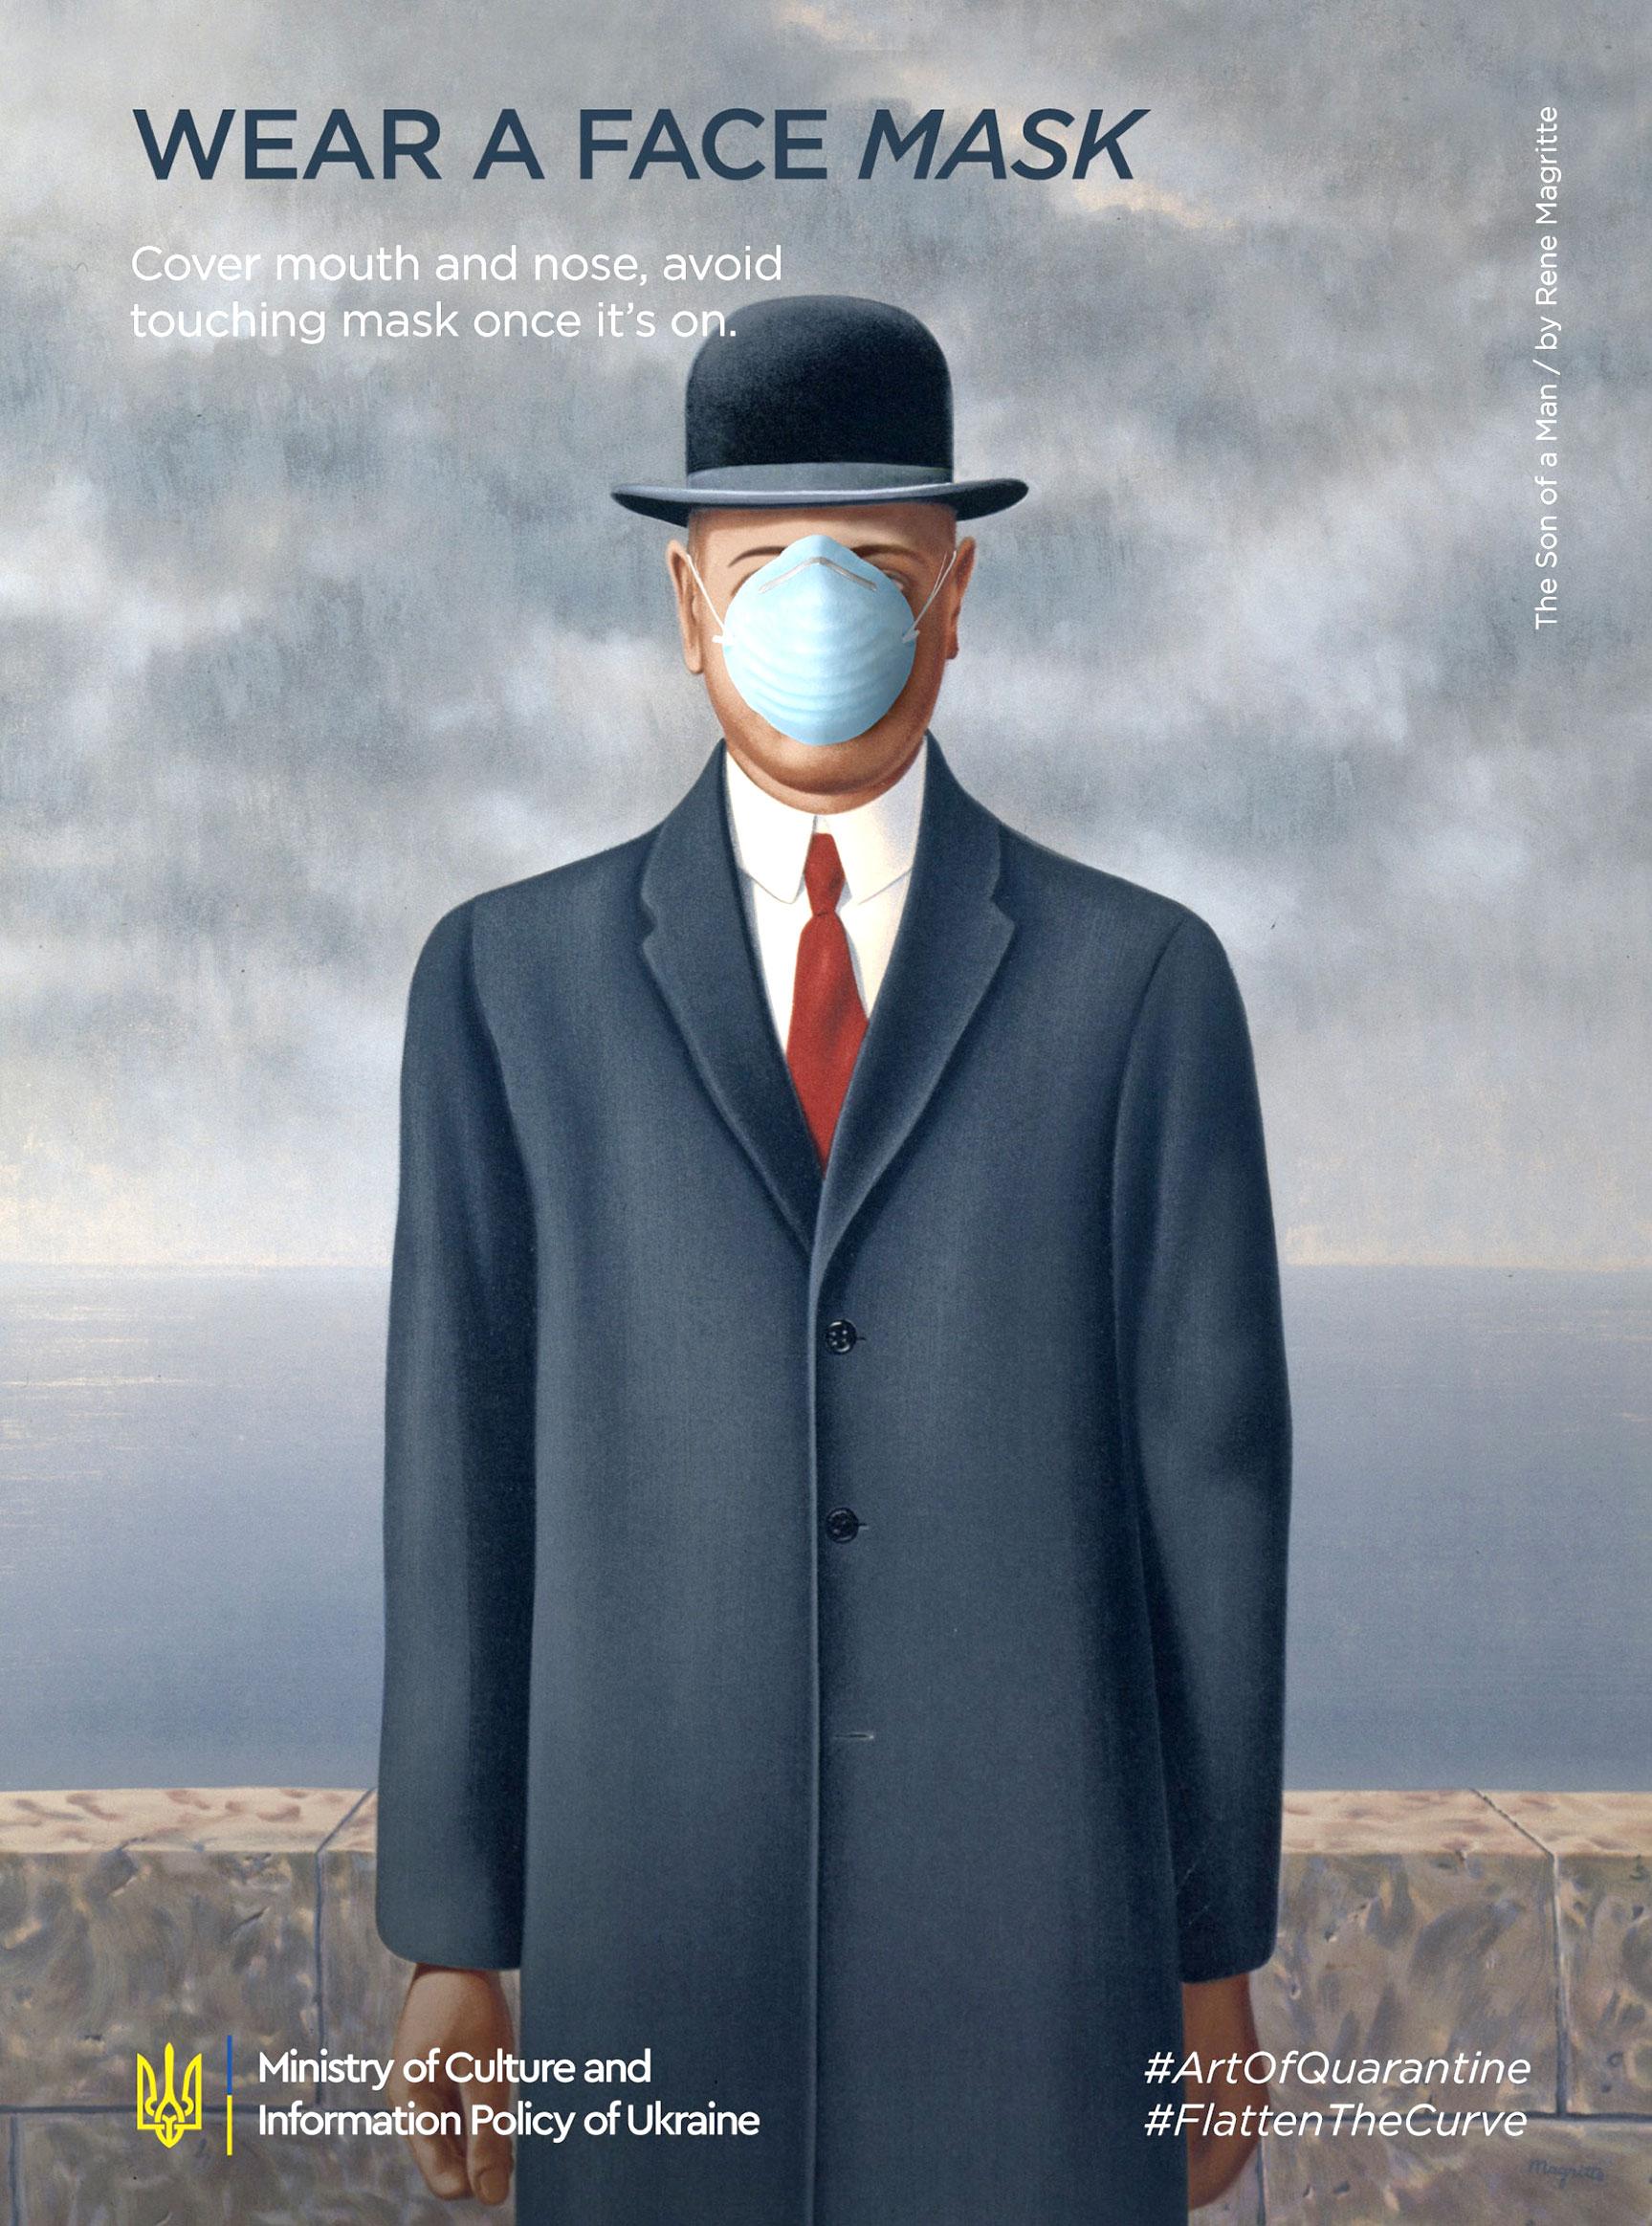 Информационные плакаты, подготовленные Министерством культуры Украины / Носите на лице маску